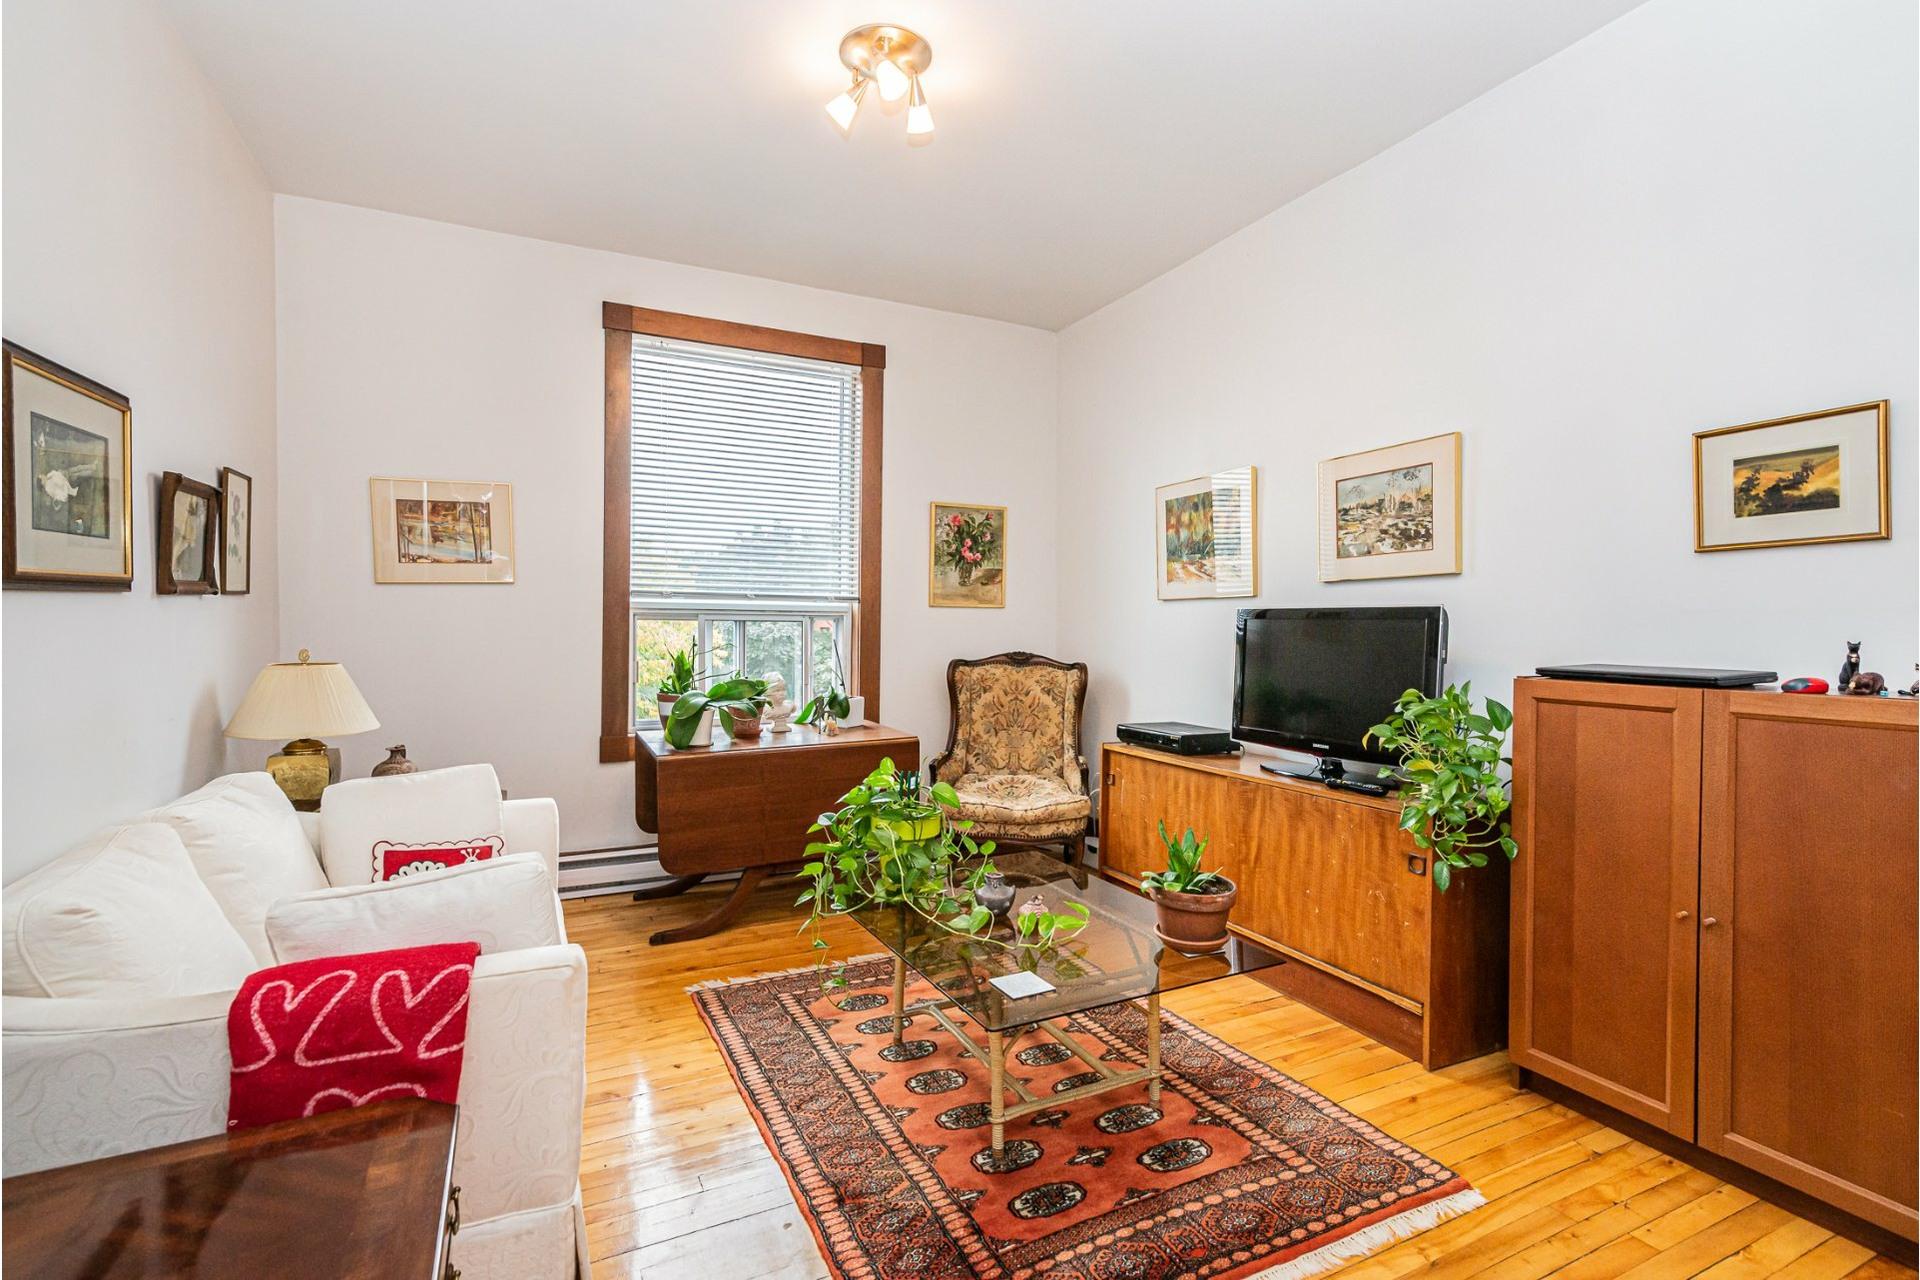 image 33 - Duplex À vendre Côte-des-Neiges/Notre-Dame-de-Grâce Montréal  - 5 pièces